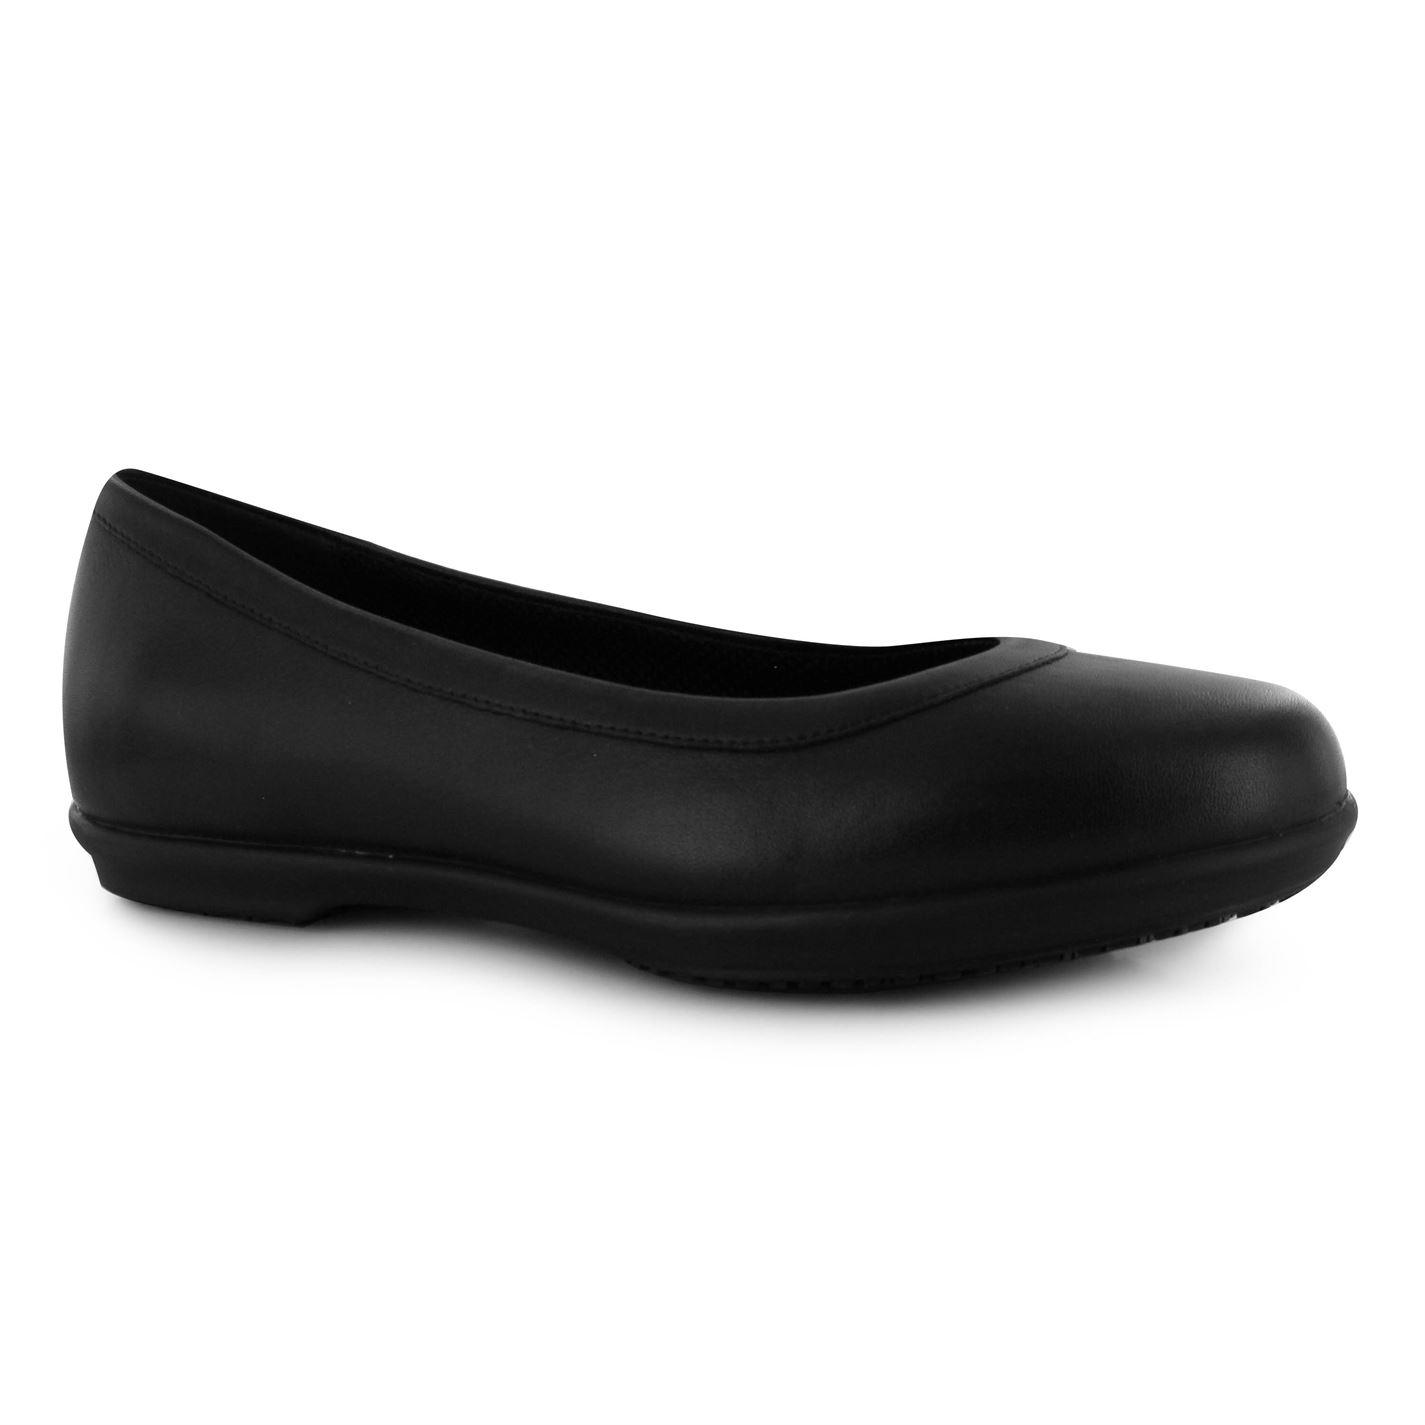 Crocs Grace Flat Shoes Ladies